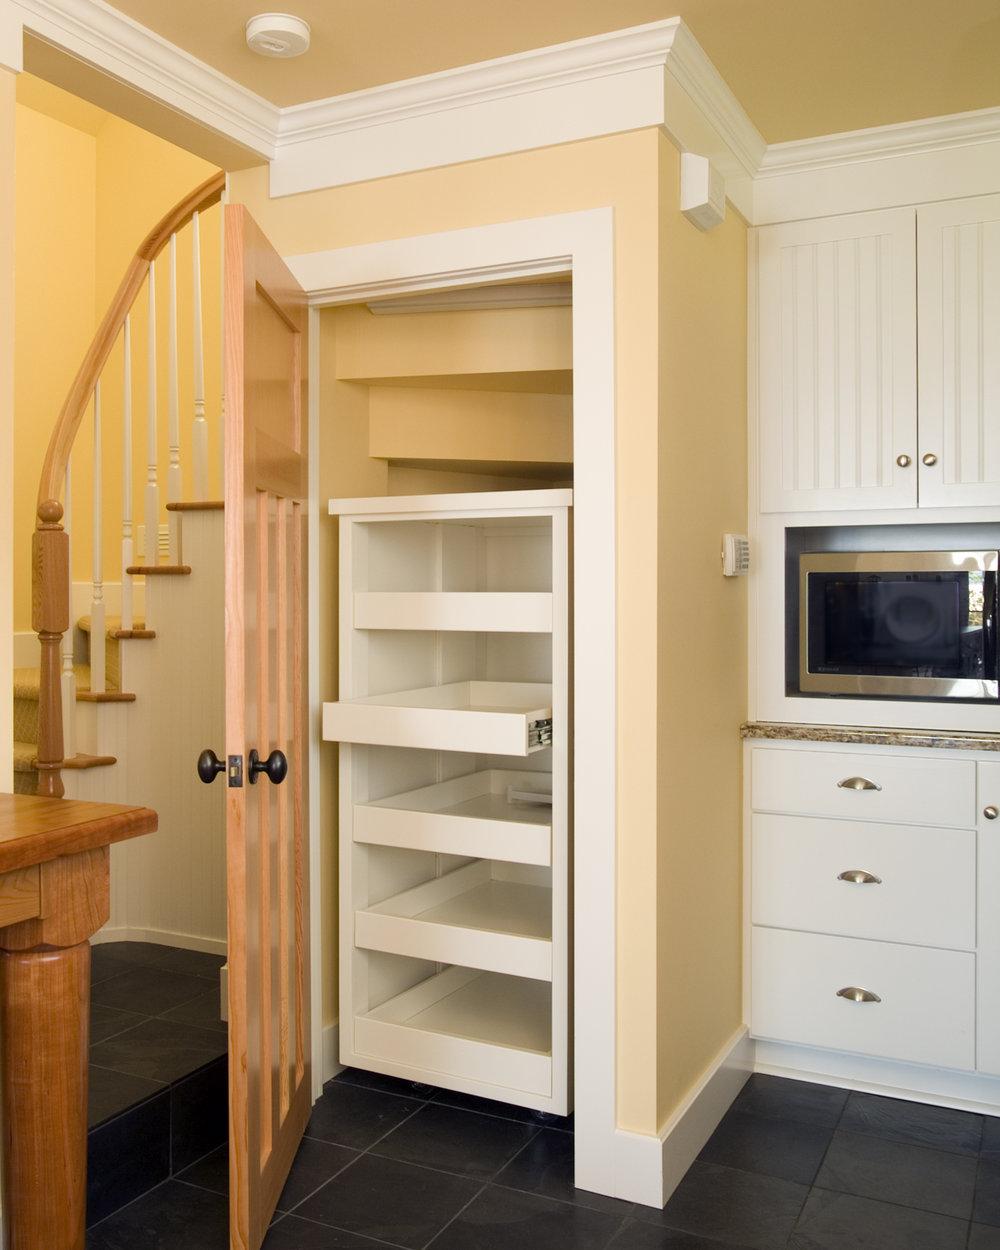 4pantry door open.jpg